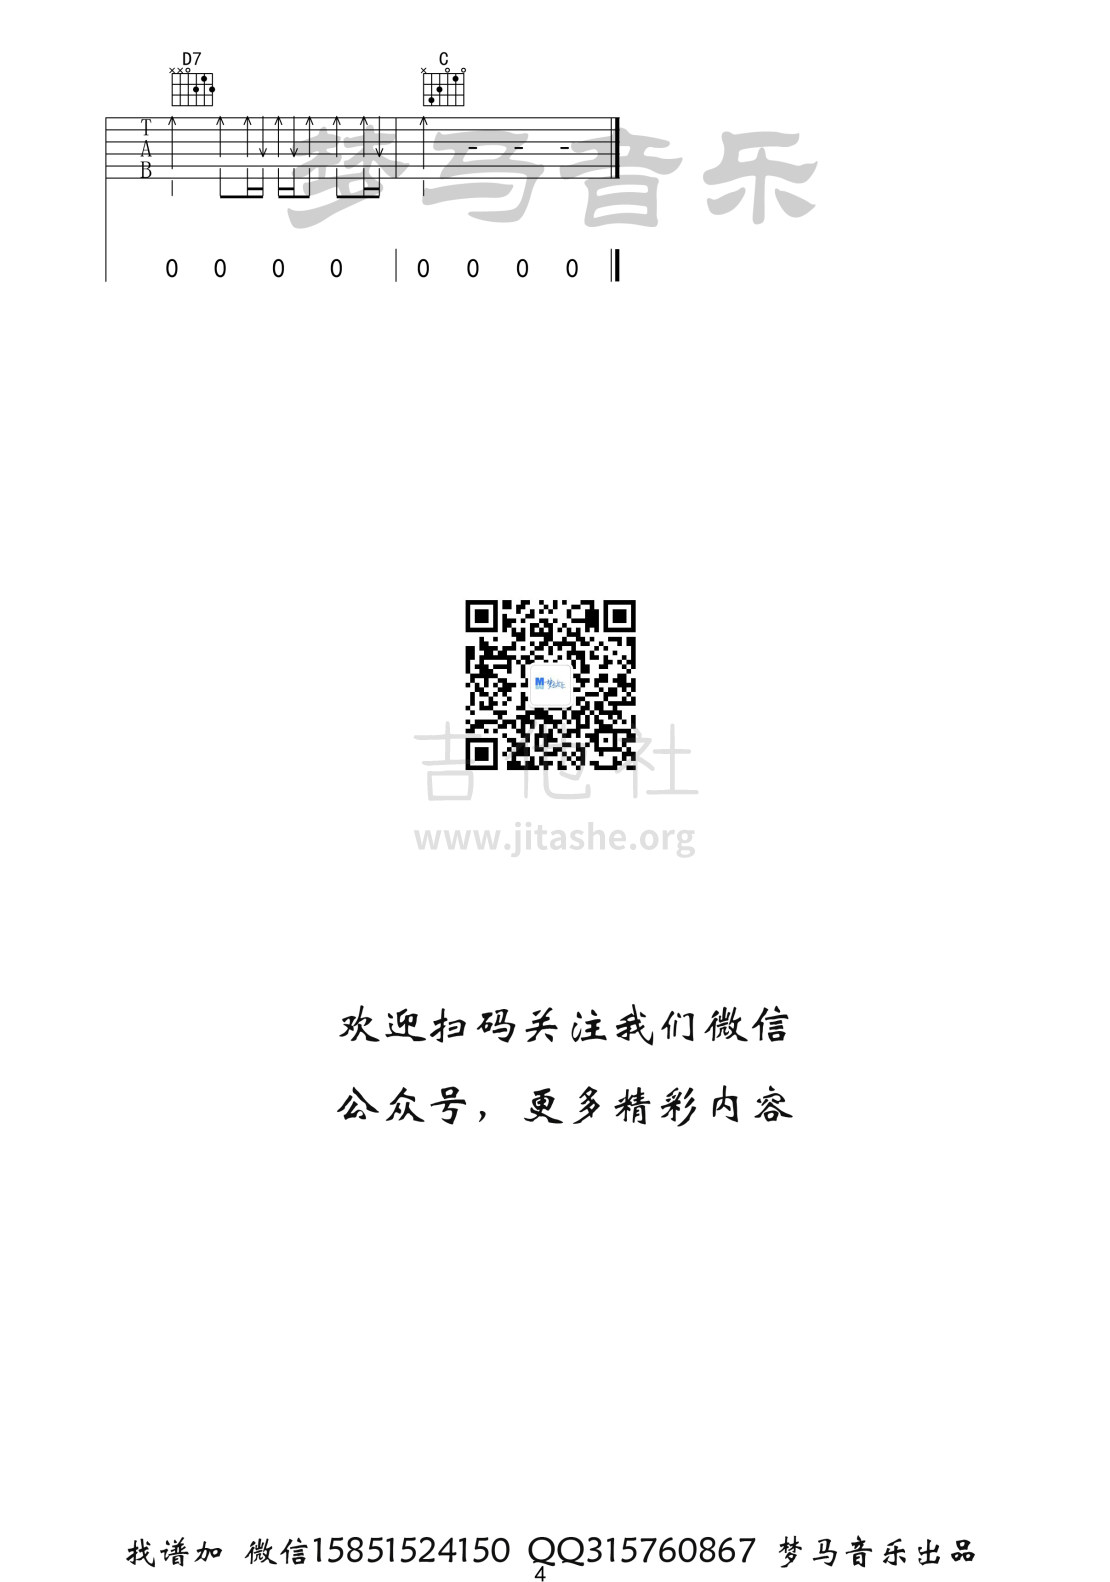 青春吉他谱(图片谱)_张闯_青春-4.jpg